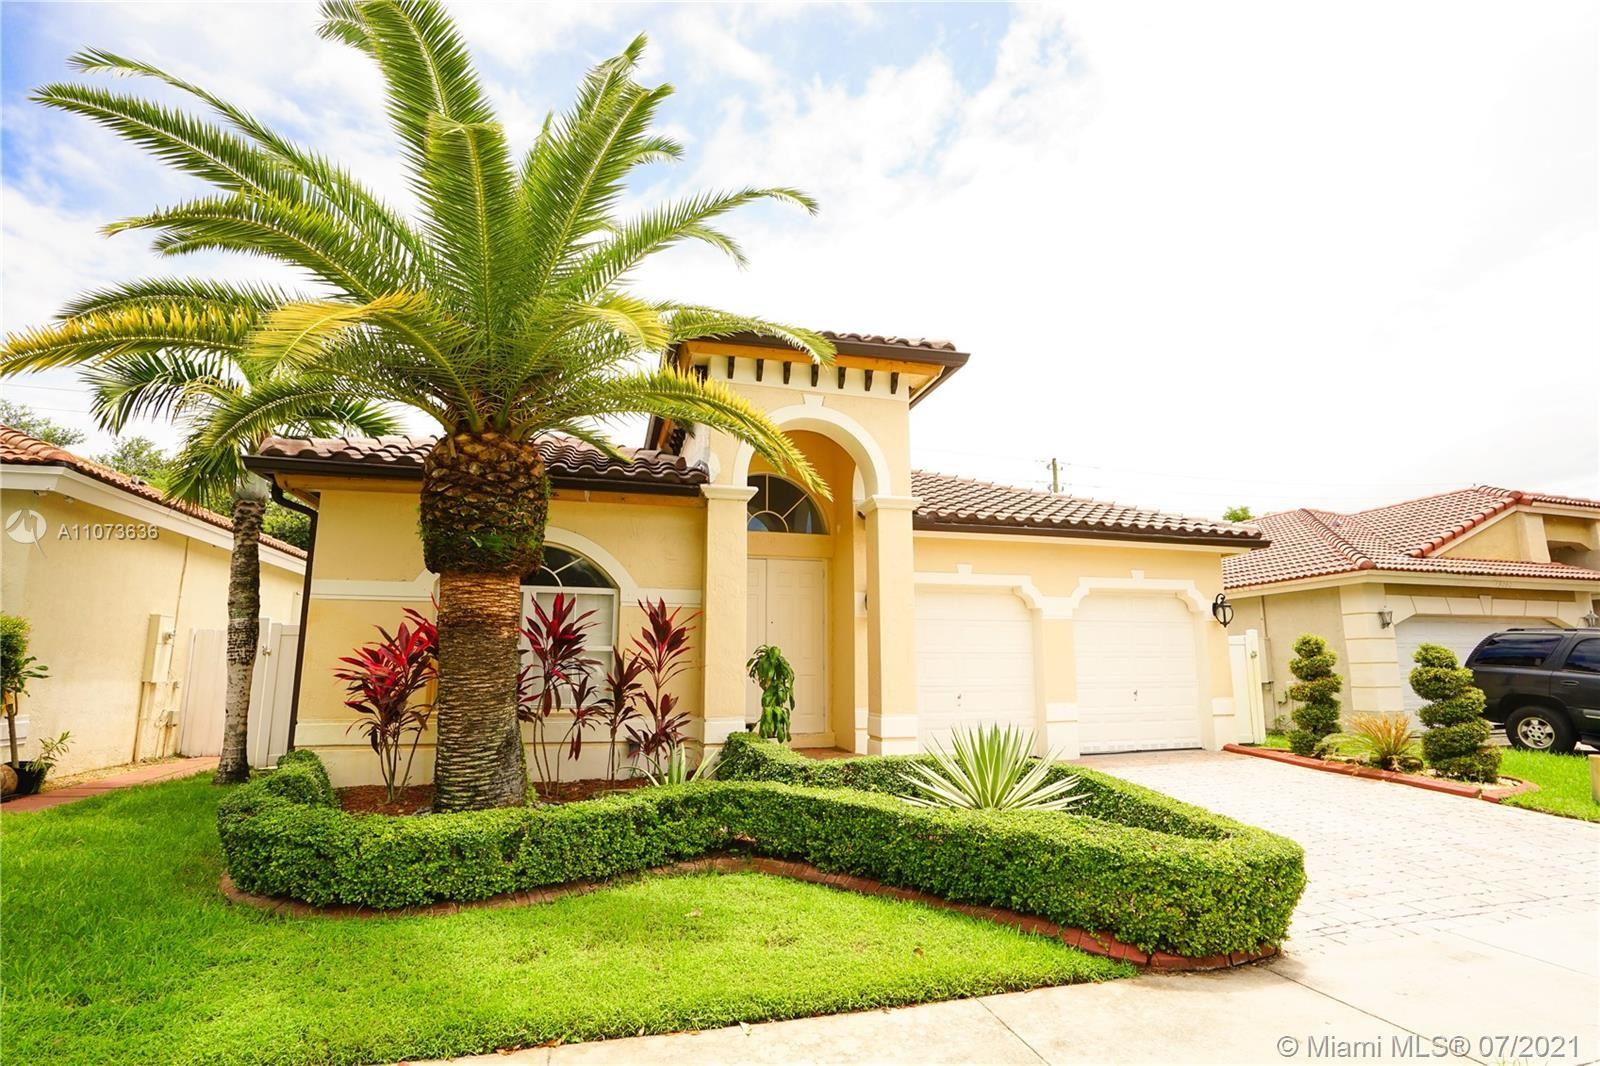 Photo of 13072 SW 54th Ct, Miramar, FL 33027 (MLS # A11073636)